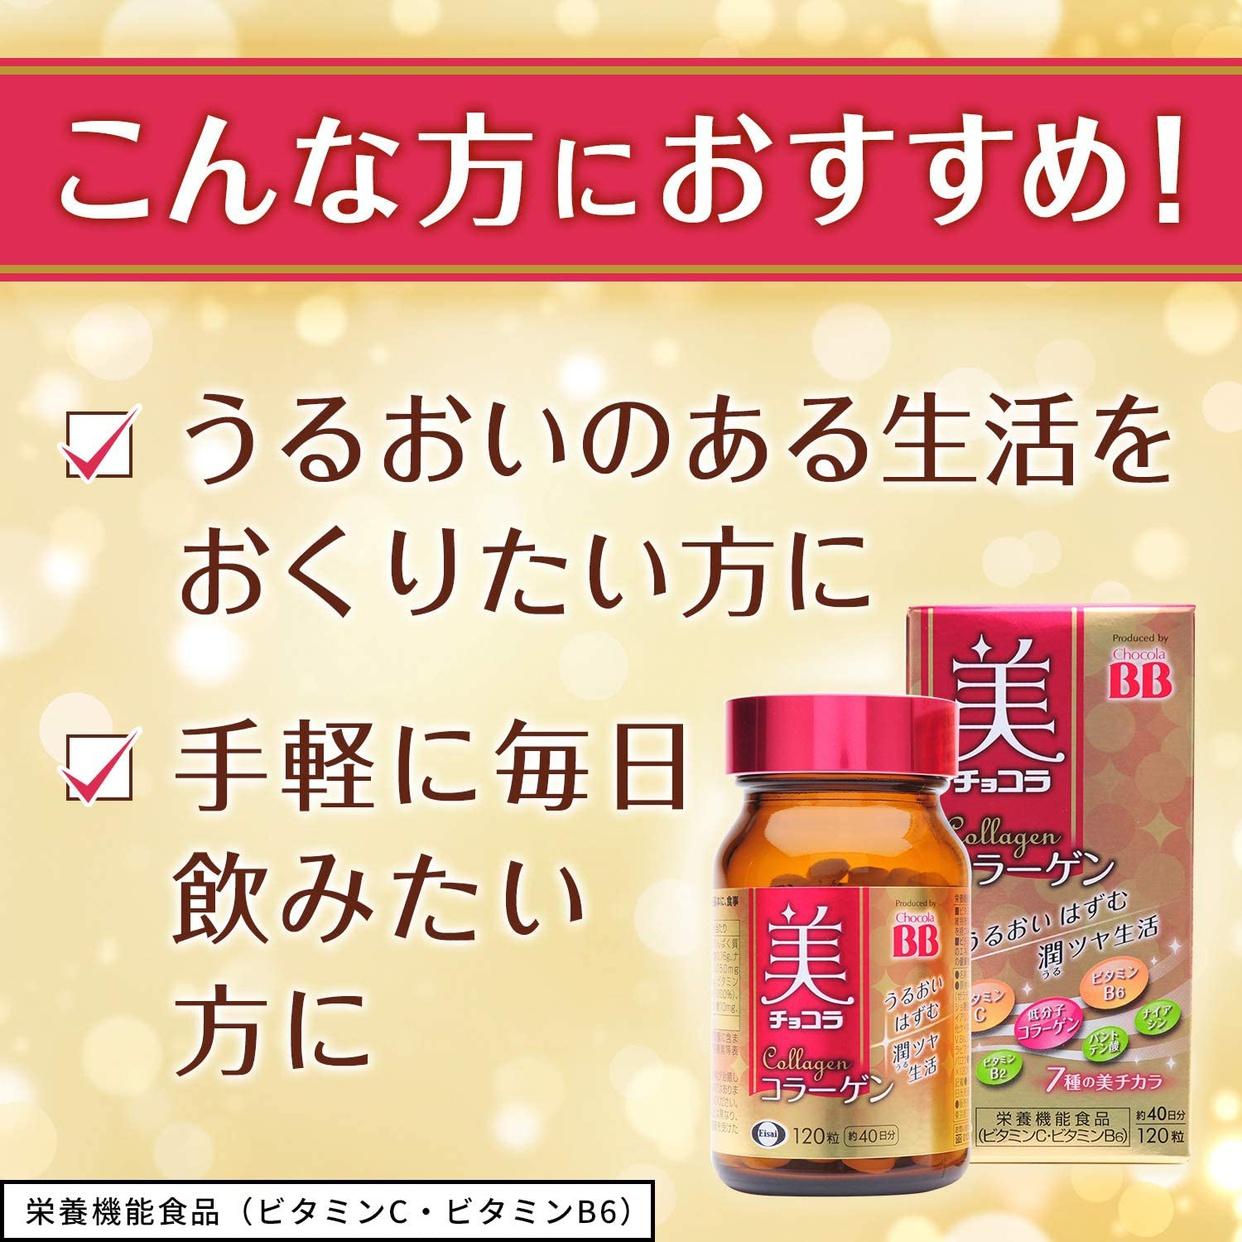 Eisai(エーザイ) 美 チョコラ コラーゲンの商品画像2